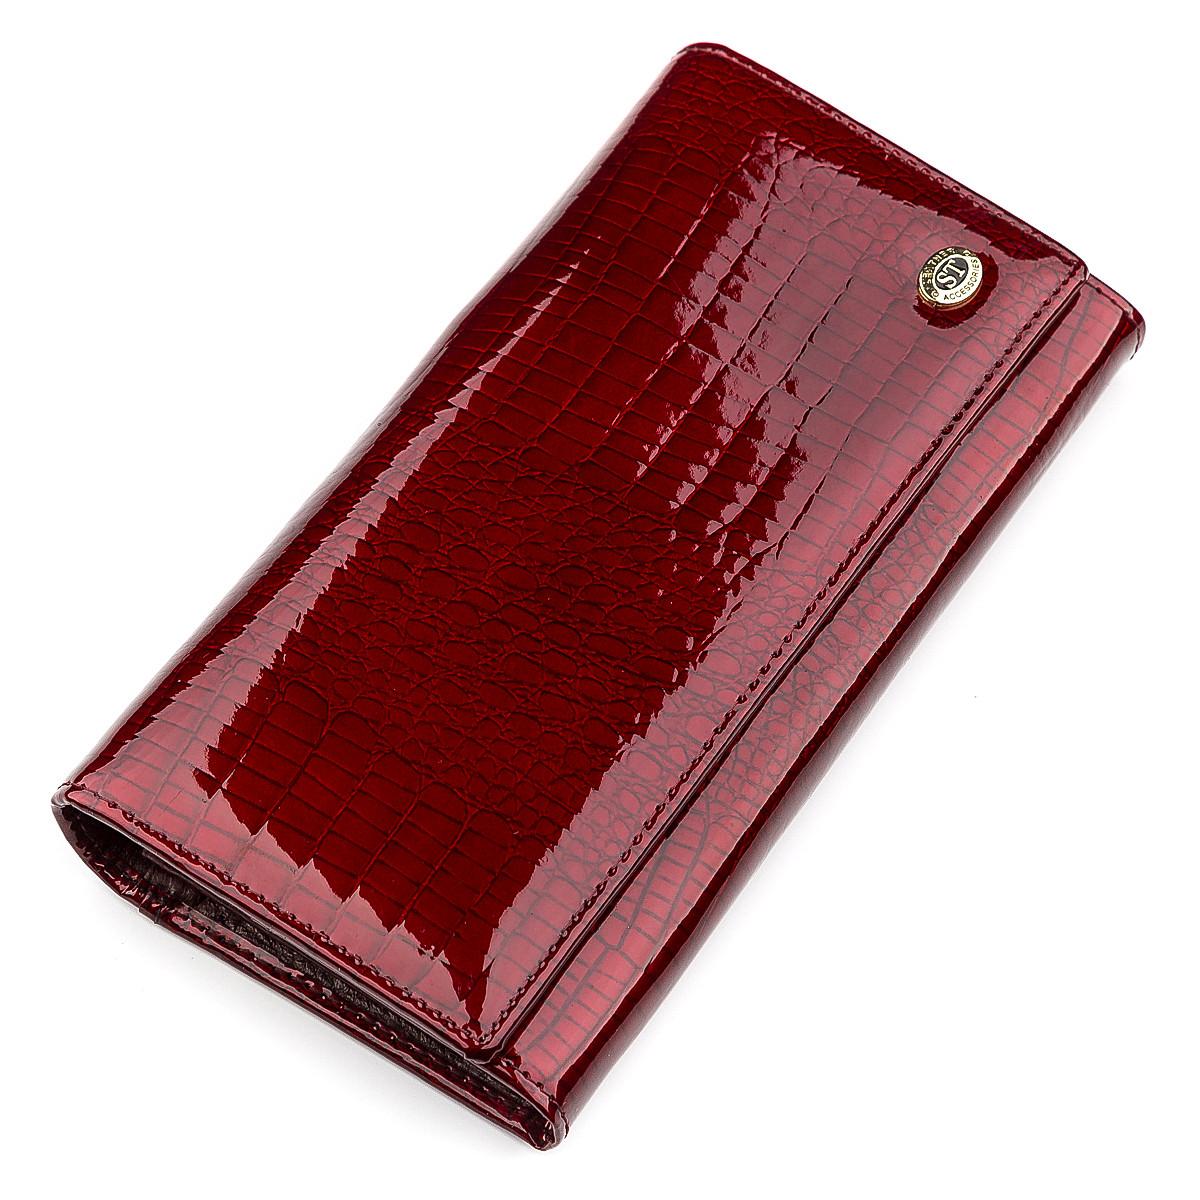 Кошелек женский ST Leather 09425 (S6001A) лакированная кожа Бордовый